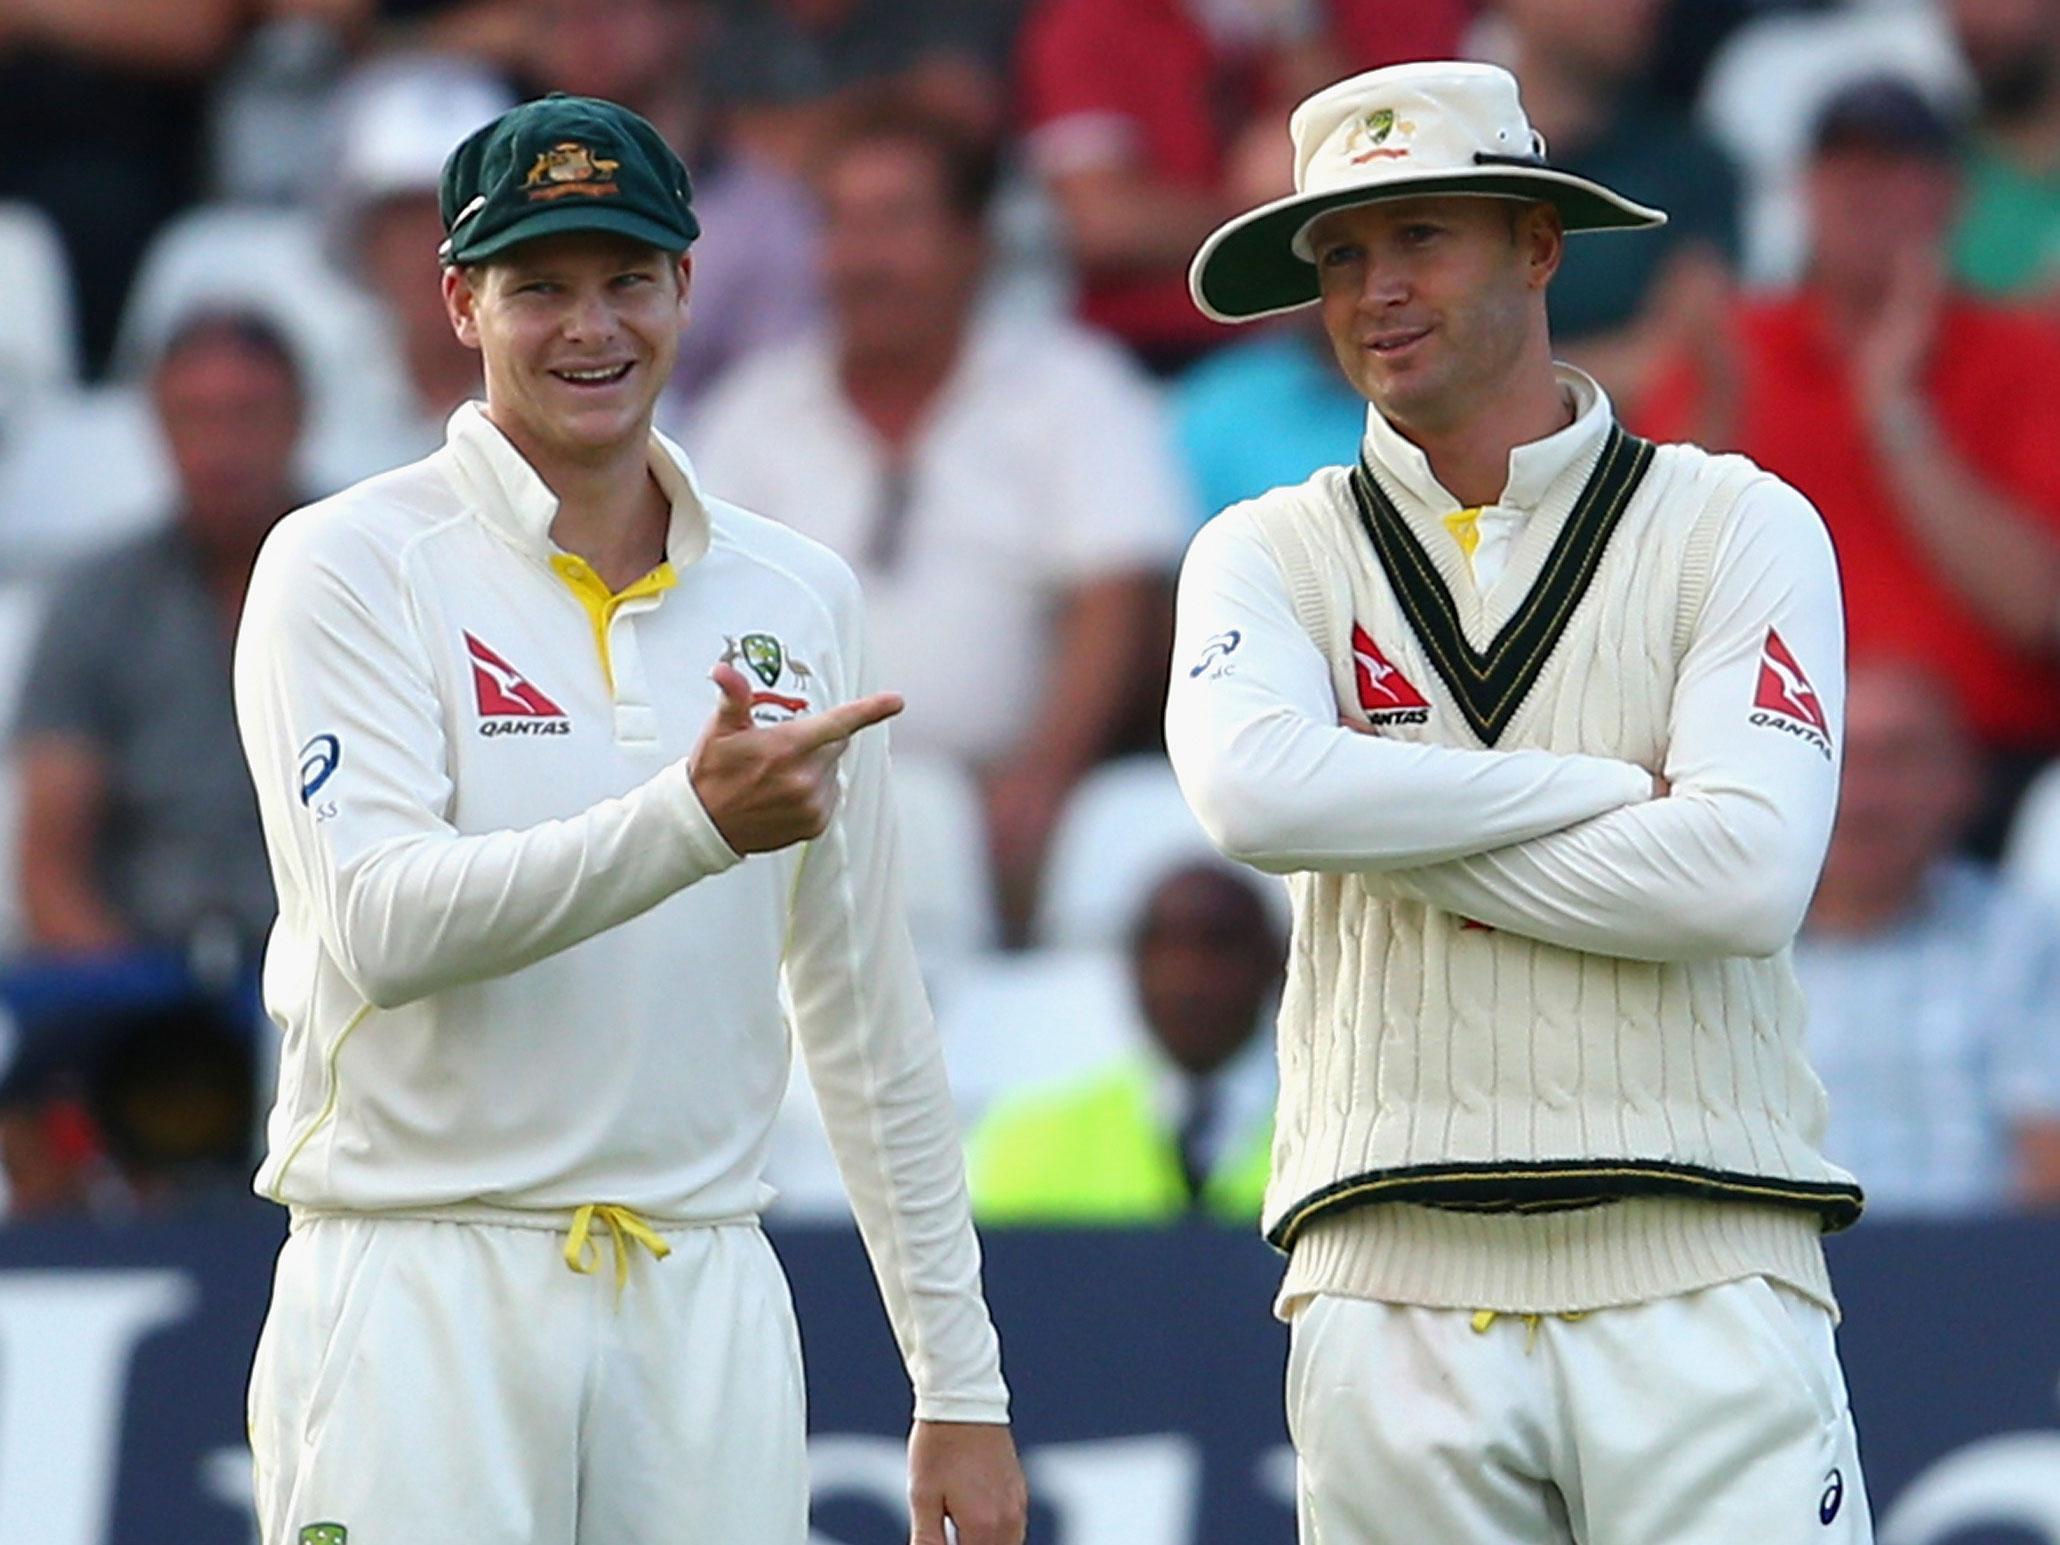 स्टीव वां ने बताया कितना मुश्किल होगा स्मिथ और वार्नर की ऑस्ट्रेलिया टीम में वापसी